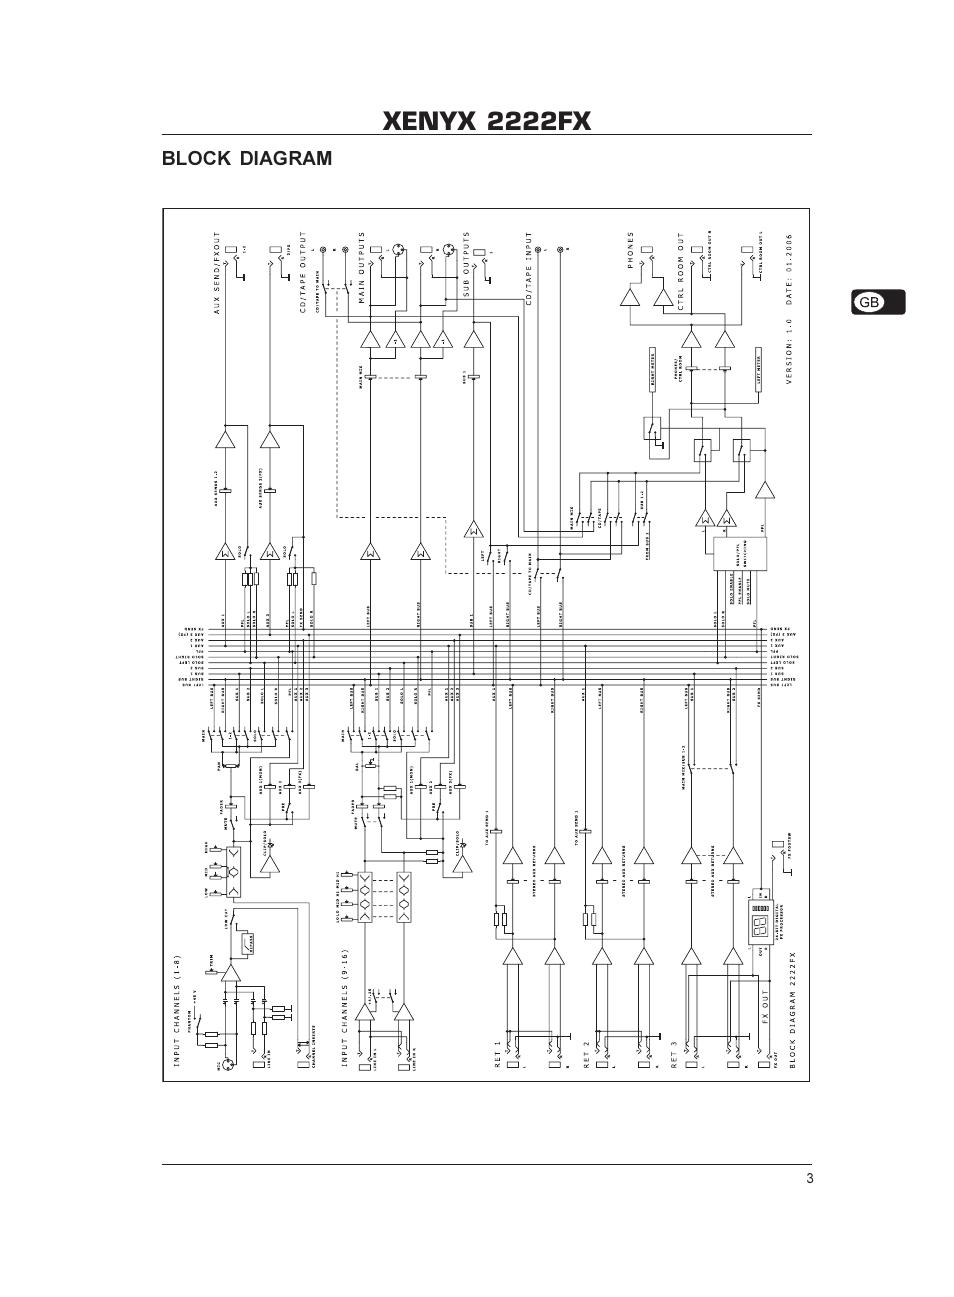 BEHRINGER 2222FX MANUAL PDF